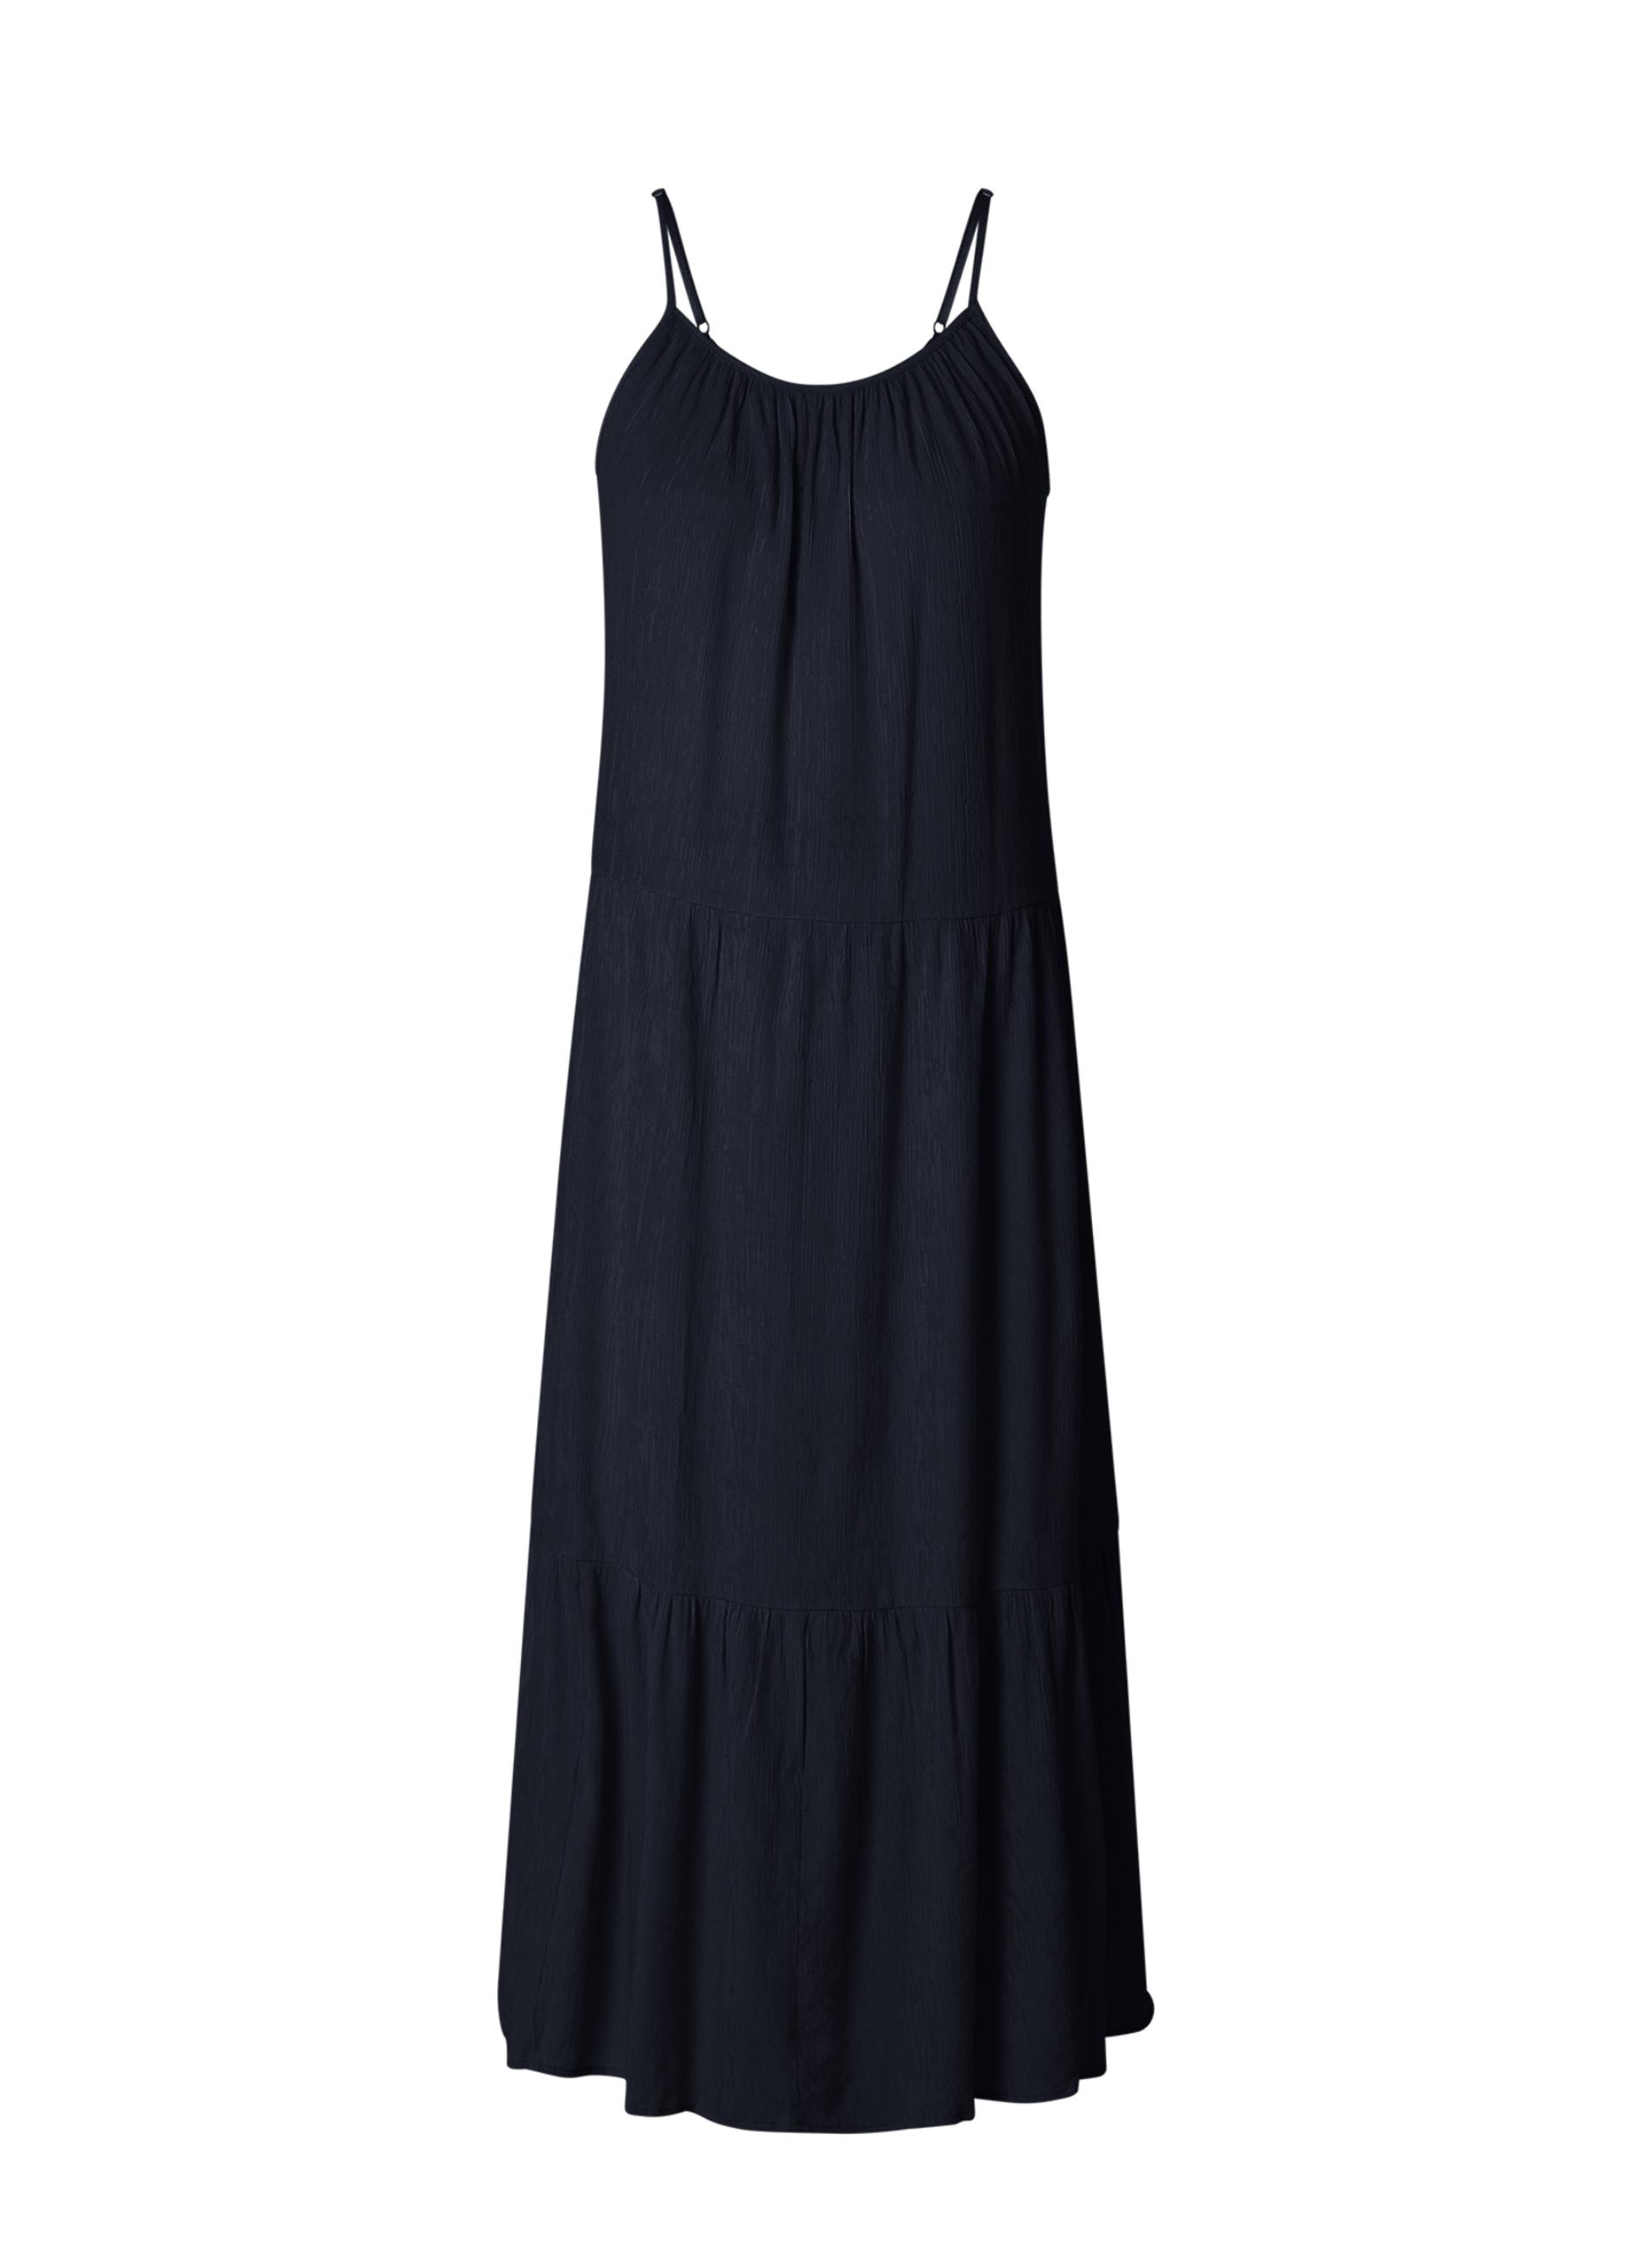 Yesta jurk Lincy 130 cm